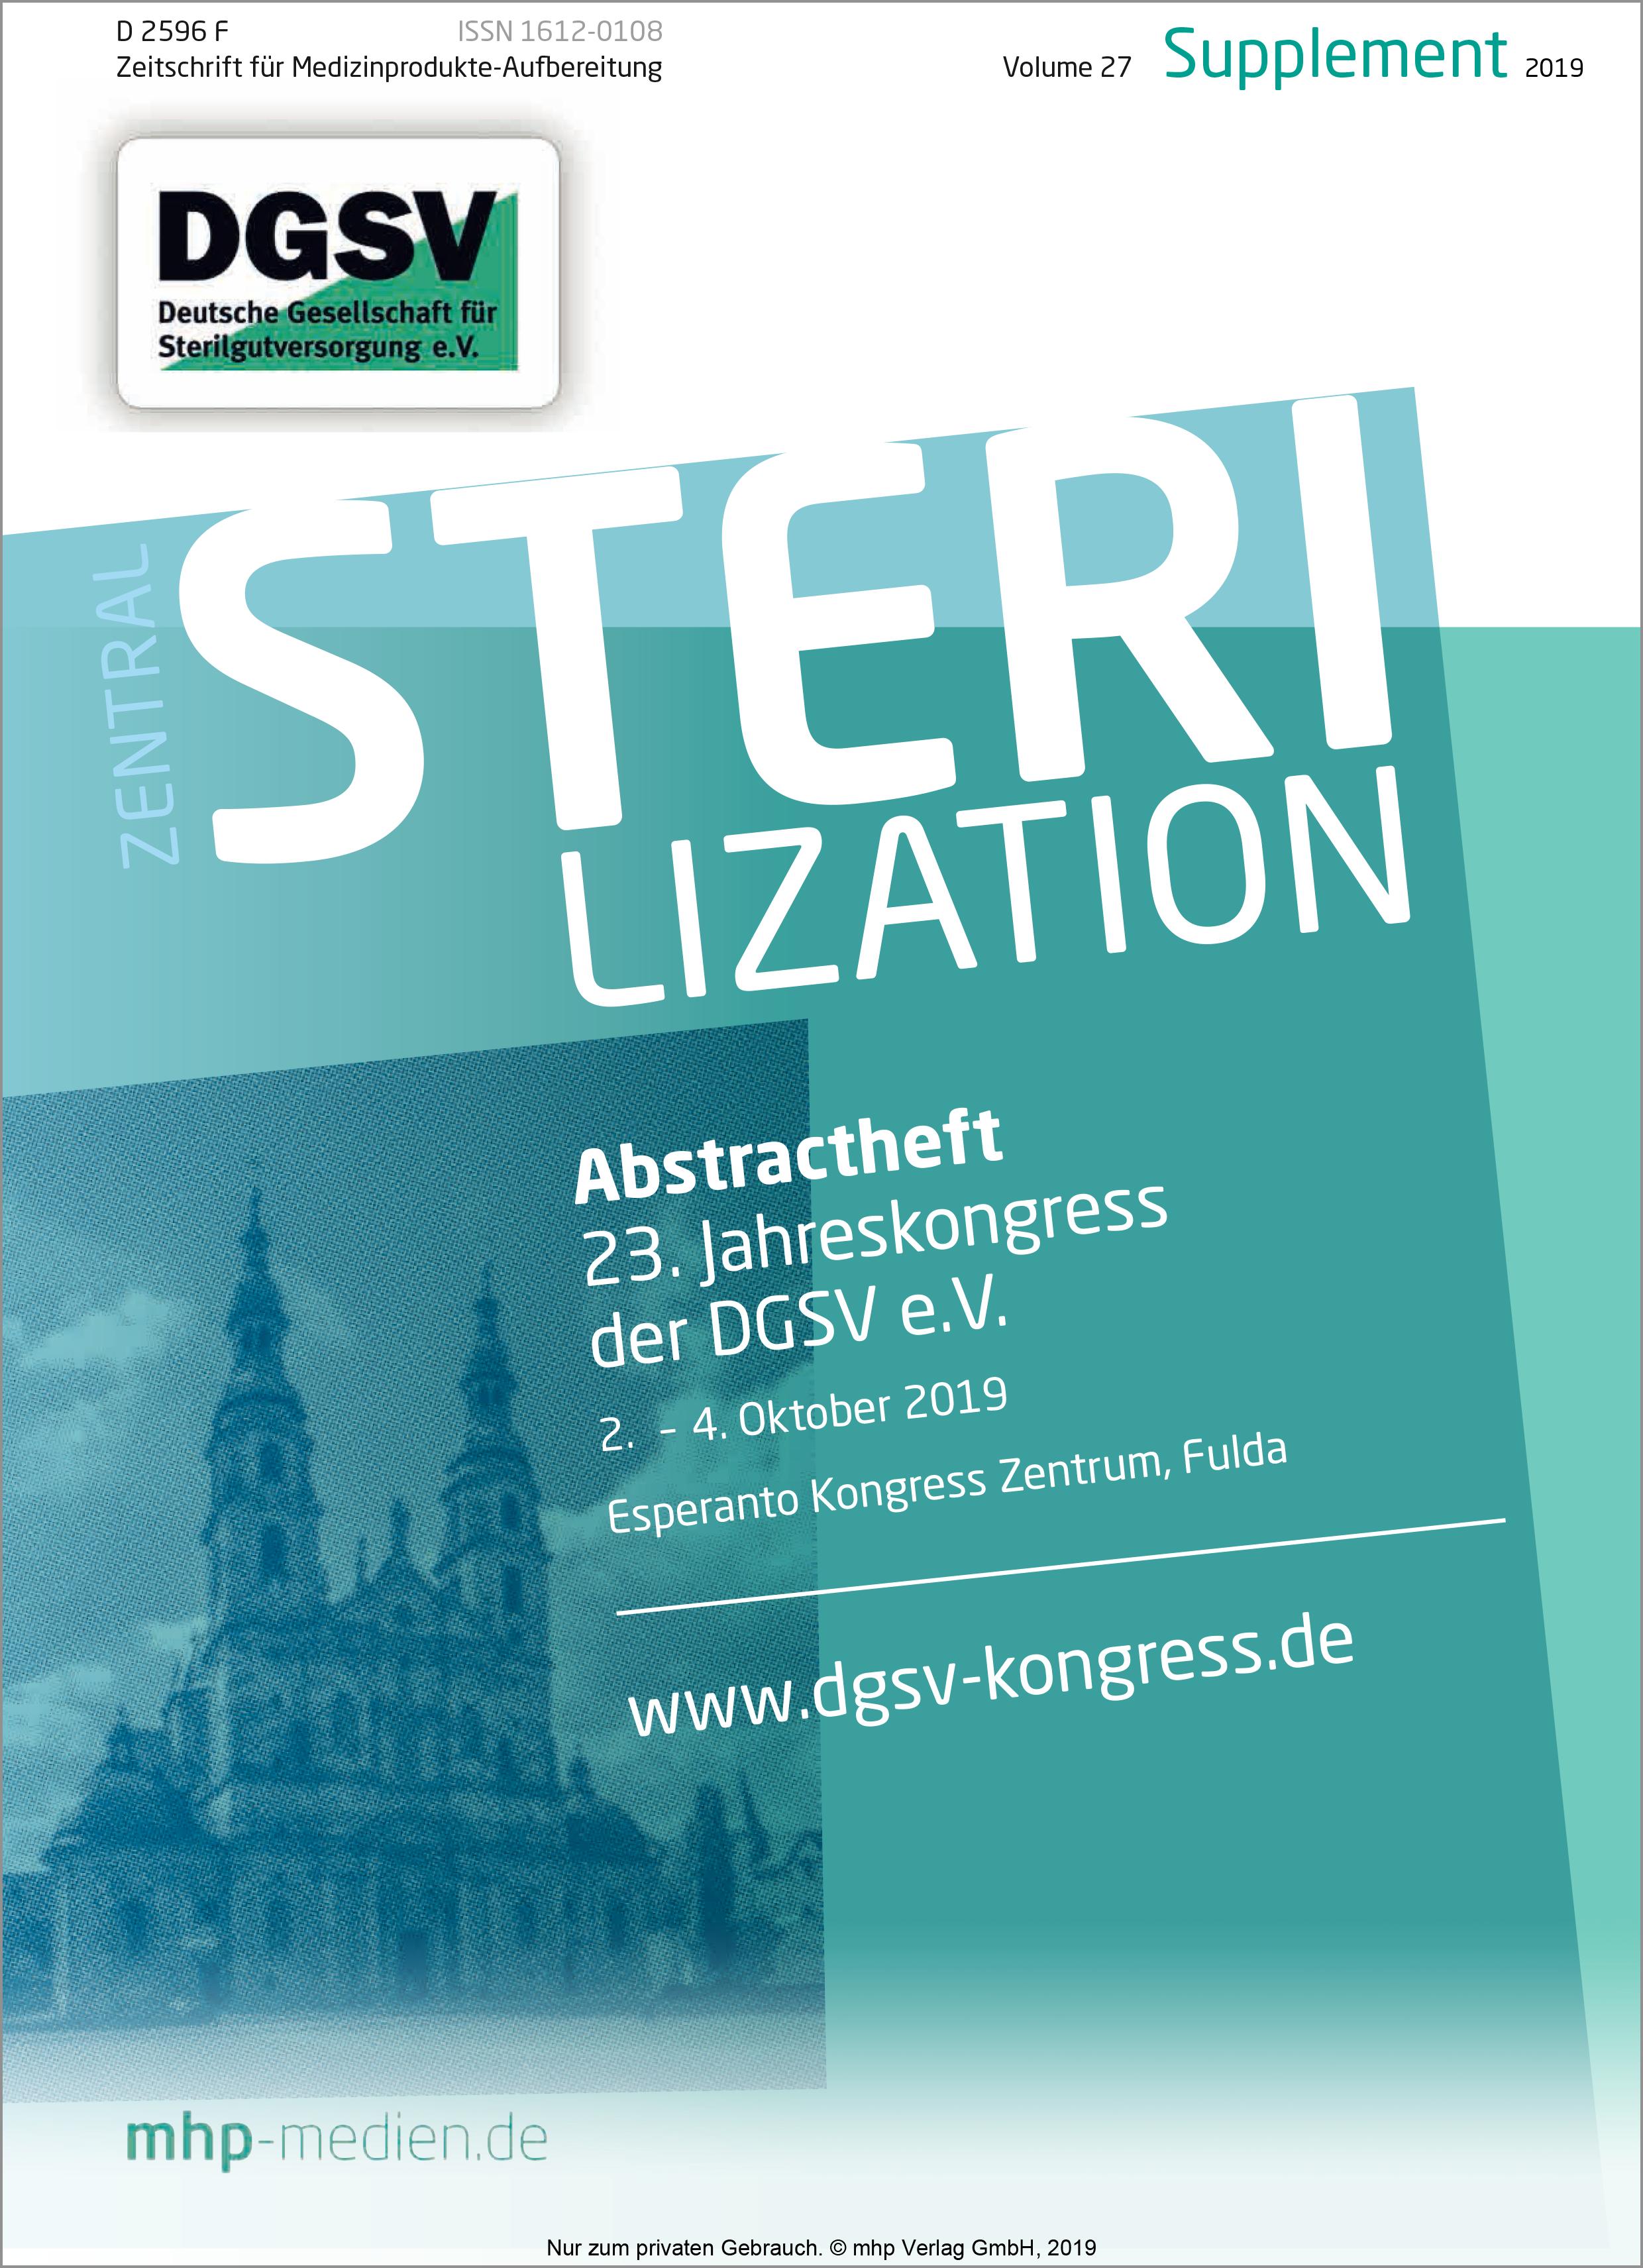 zt201908_DGSV-cover